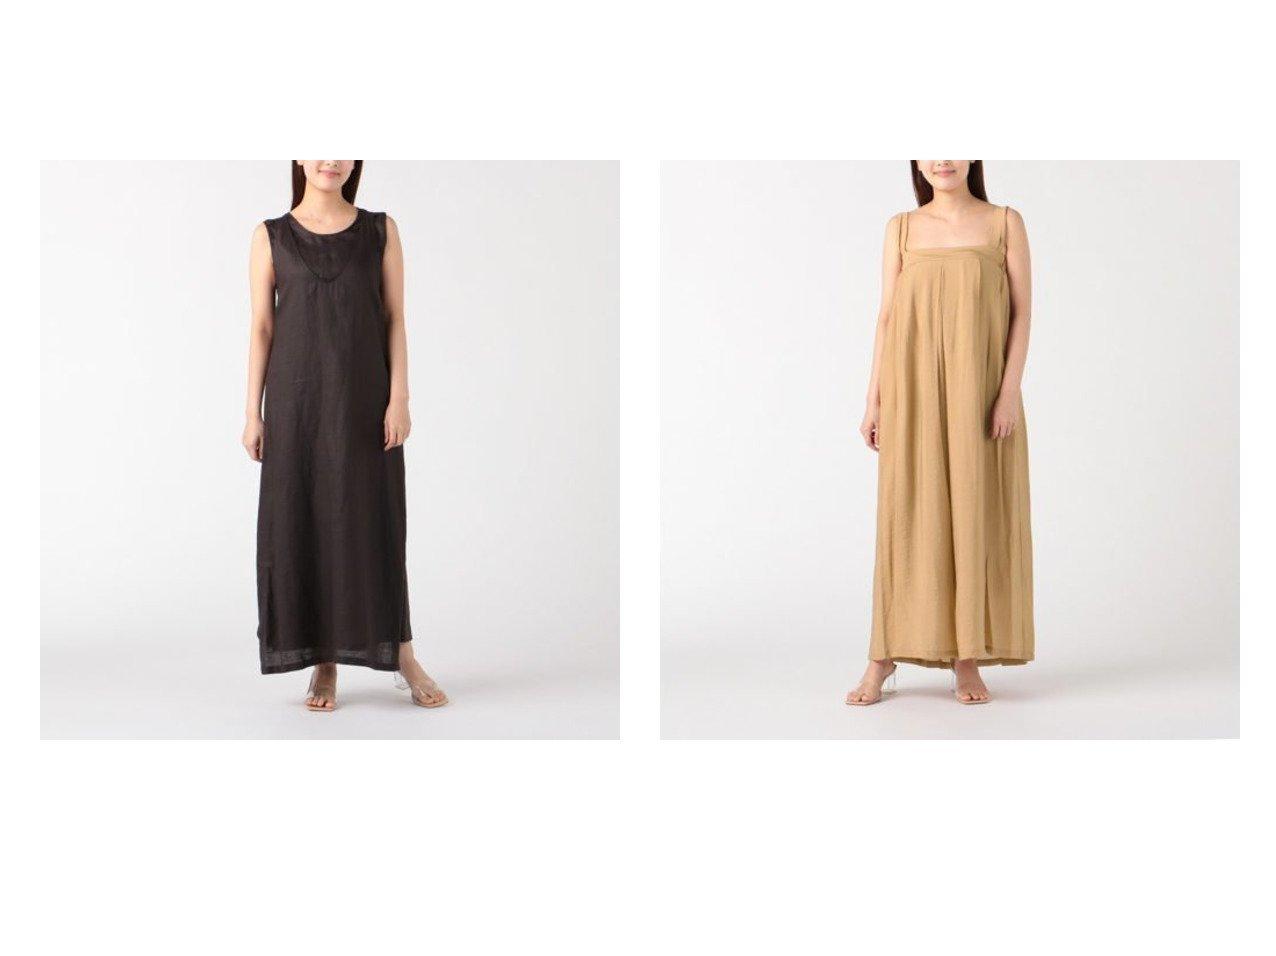 【normment/ノーメント】のramie apron dress&french rayon tuck dress おすすめ!人気トレンド・レディースファッション通販 おすすめで人気の流行・トレンド、ファッションの通販商品 インテリア・家具・メンズファッション・キッズファッション・レディースファッション・服の通販 founy(ファニー) https://founy.com/ ファッション Fashion レディースファッション WOMEN ワンピース Dress ドレス Party Dresses ノースリーブ ドレス フレンチ |ID:crp329100000046292